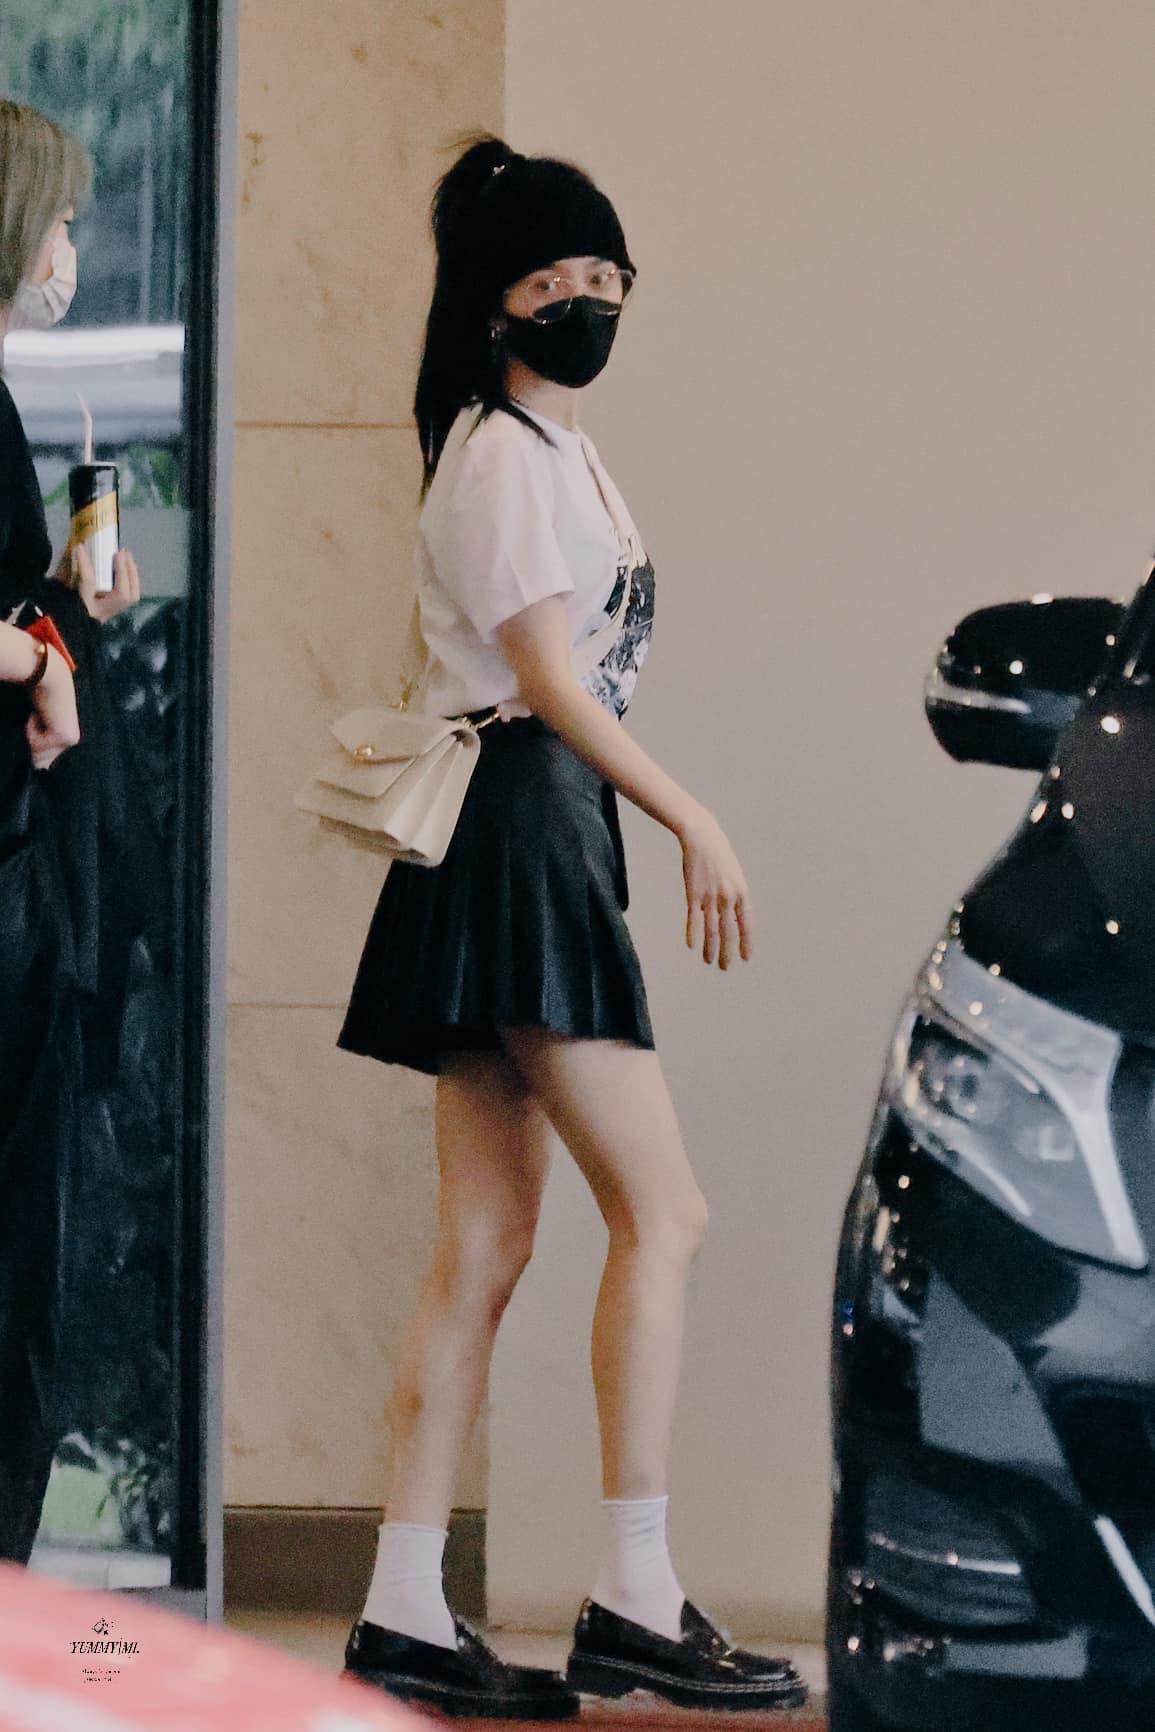 Ở tuổi 34, Dương Mịch vẫn có phong cách đời thường rất trẻ trung. Khi di chuyển, nàng Hoa đán thích những kiểu trang phục năng động, đặc biệt là hack tuổi chẳng khác gì sinh viên.